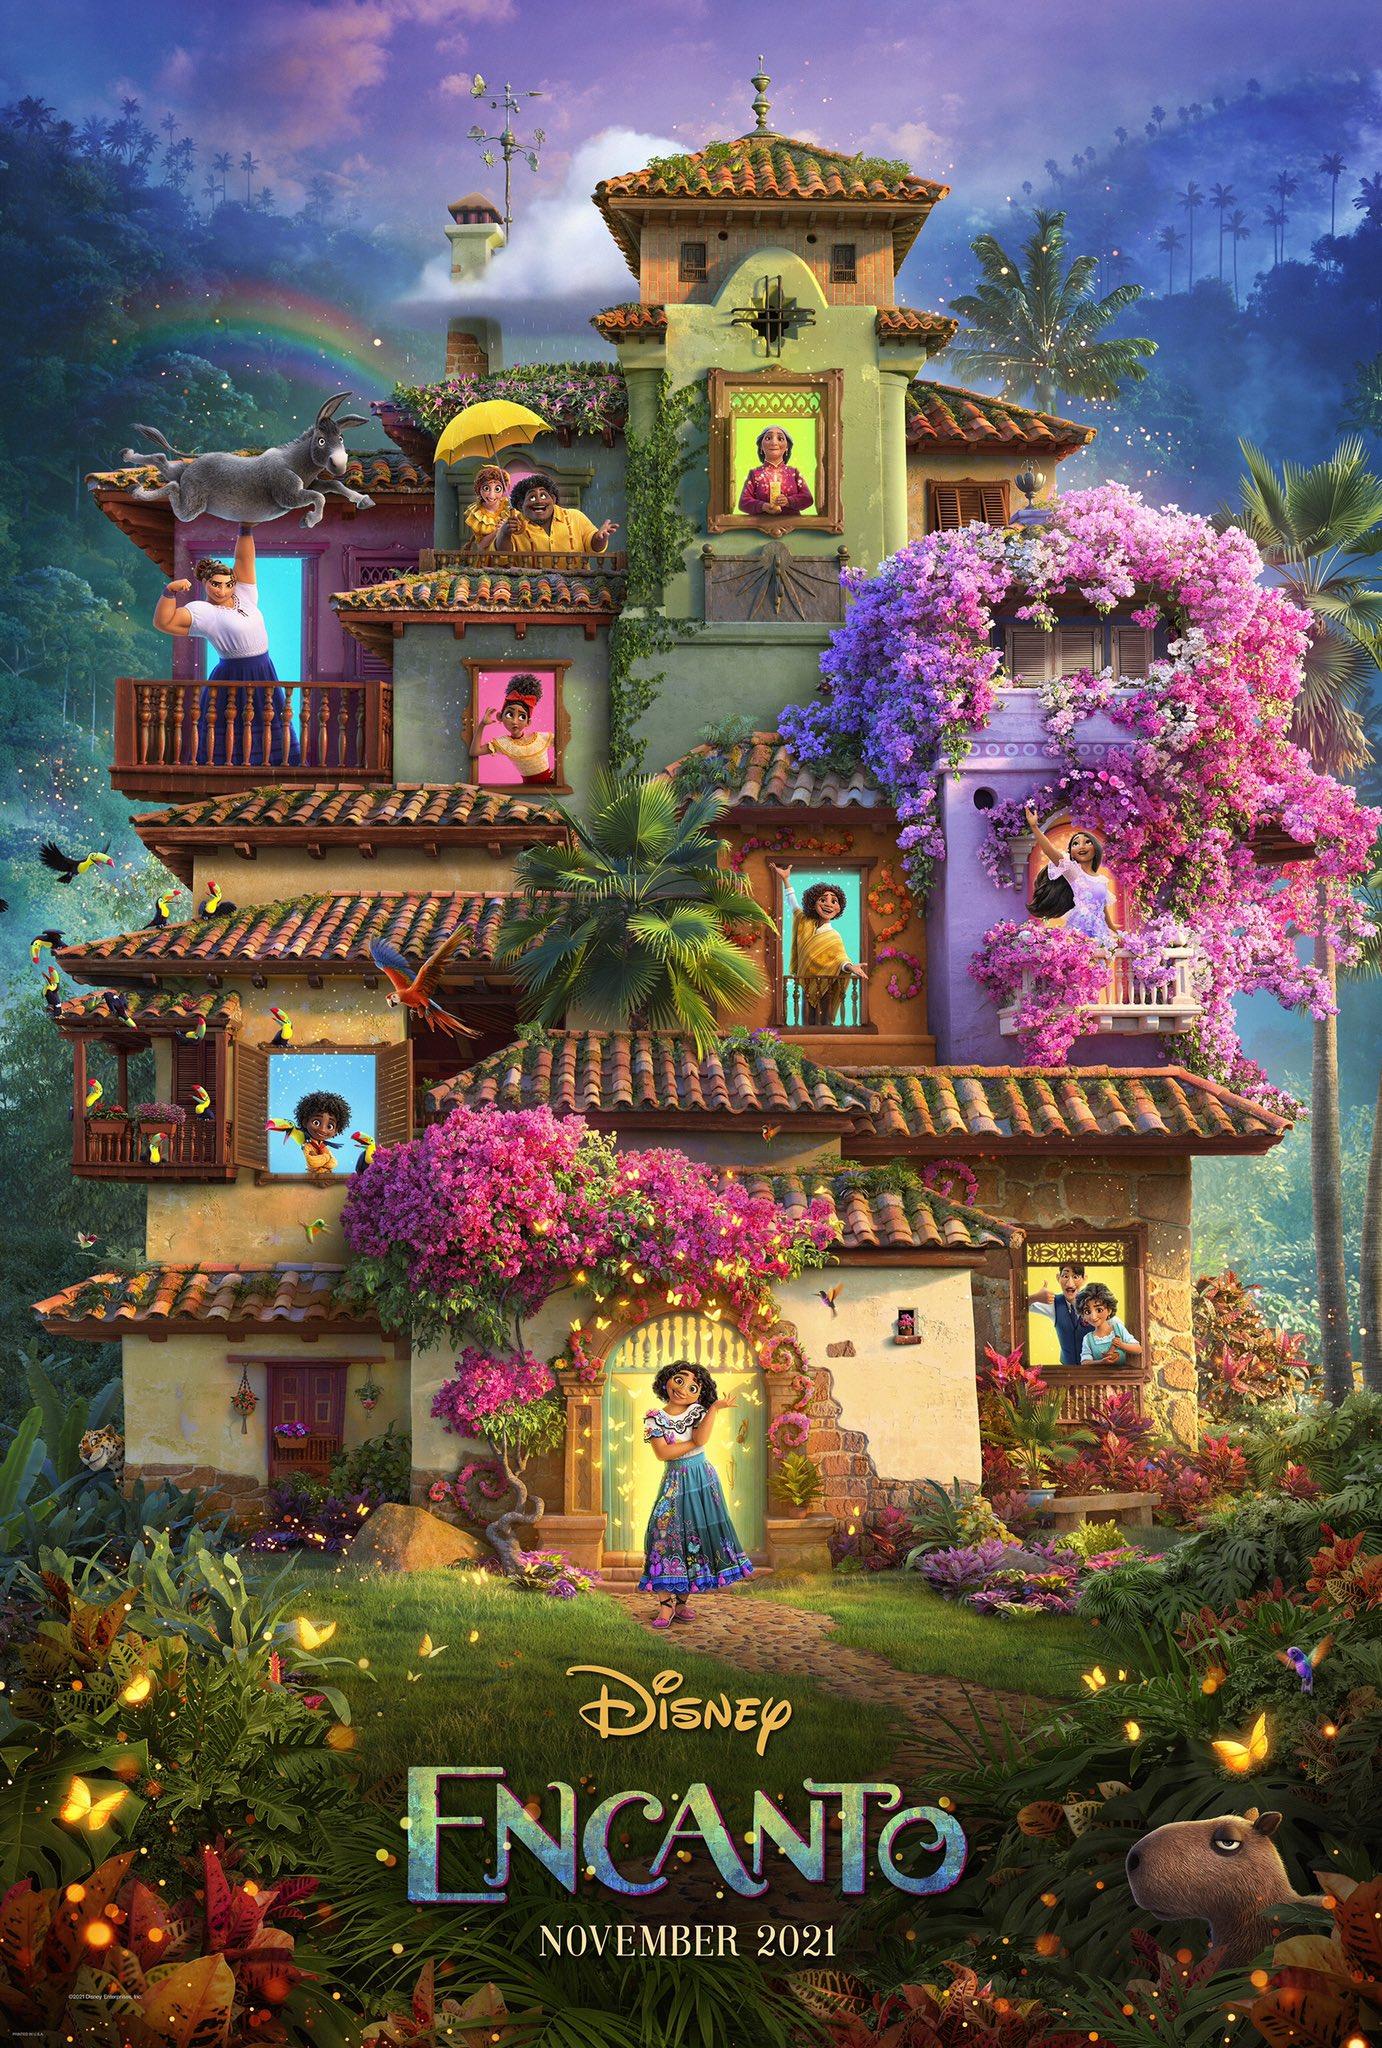 Encanto - La Fantastique Famille Madrigal [Walt Disney - 2021] - Page 4 E5vxVEQVcAAR55B?format=jpg&name=large